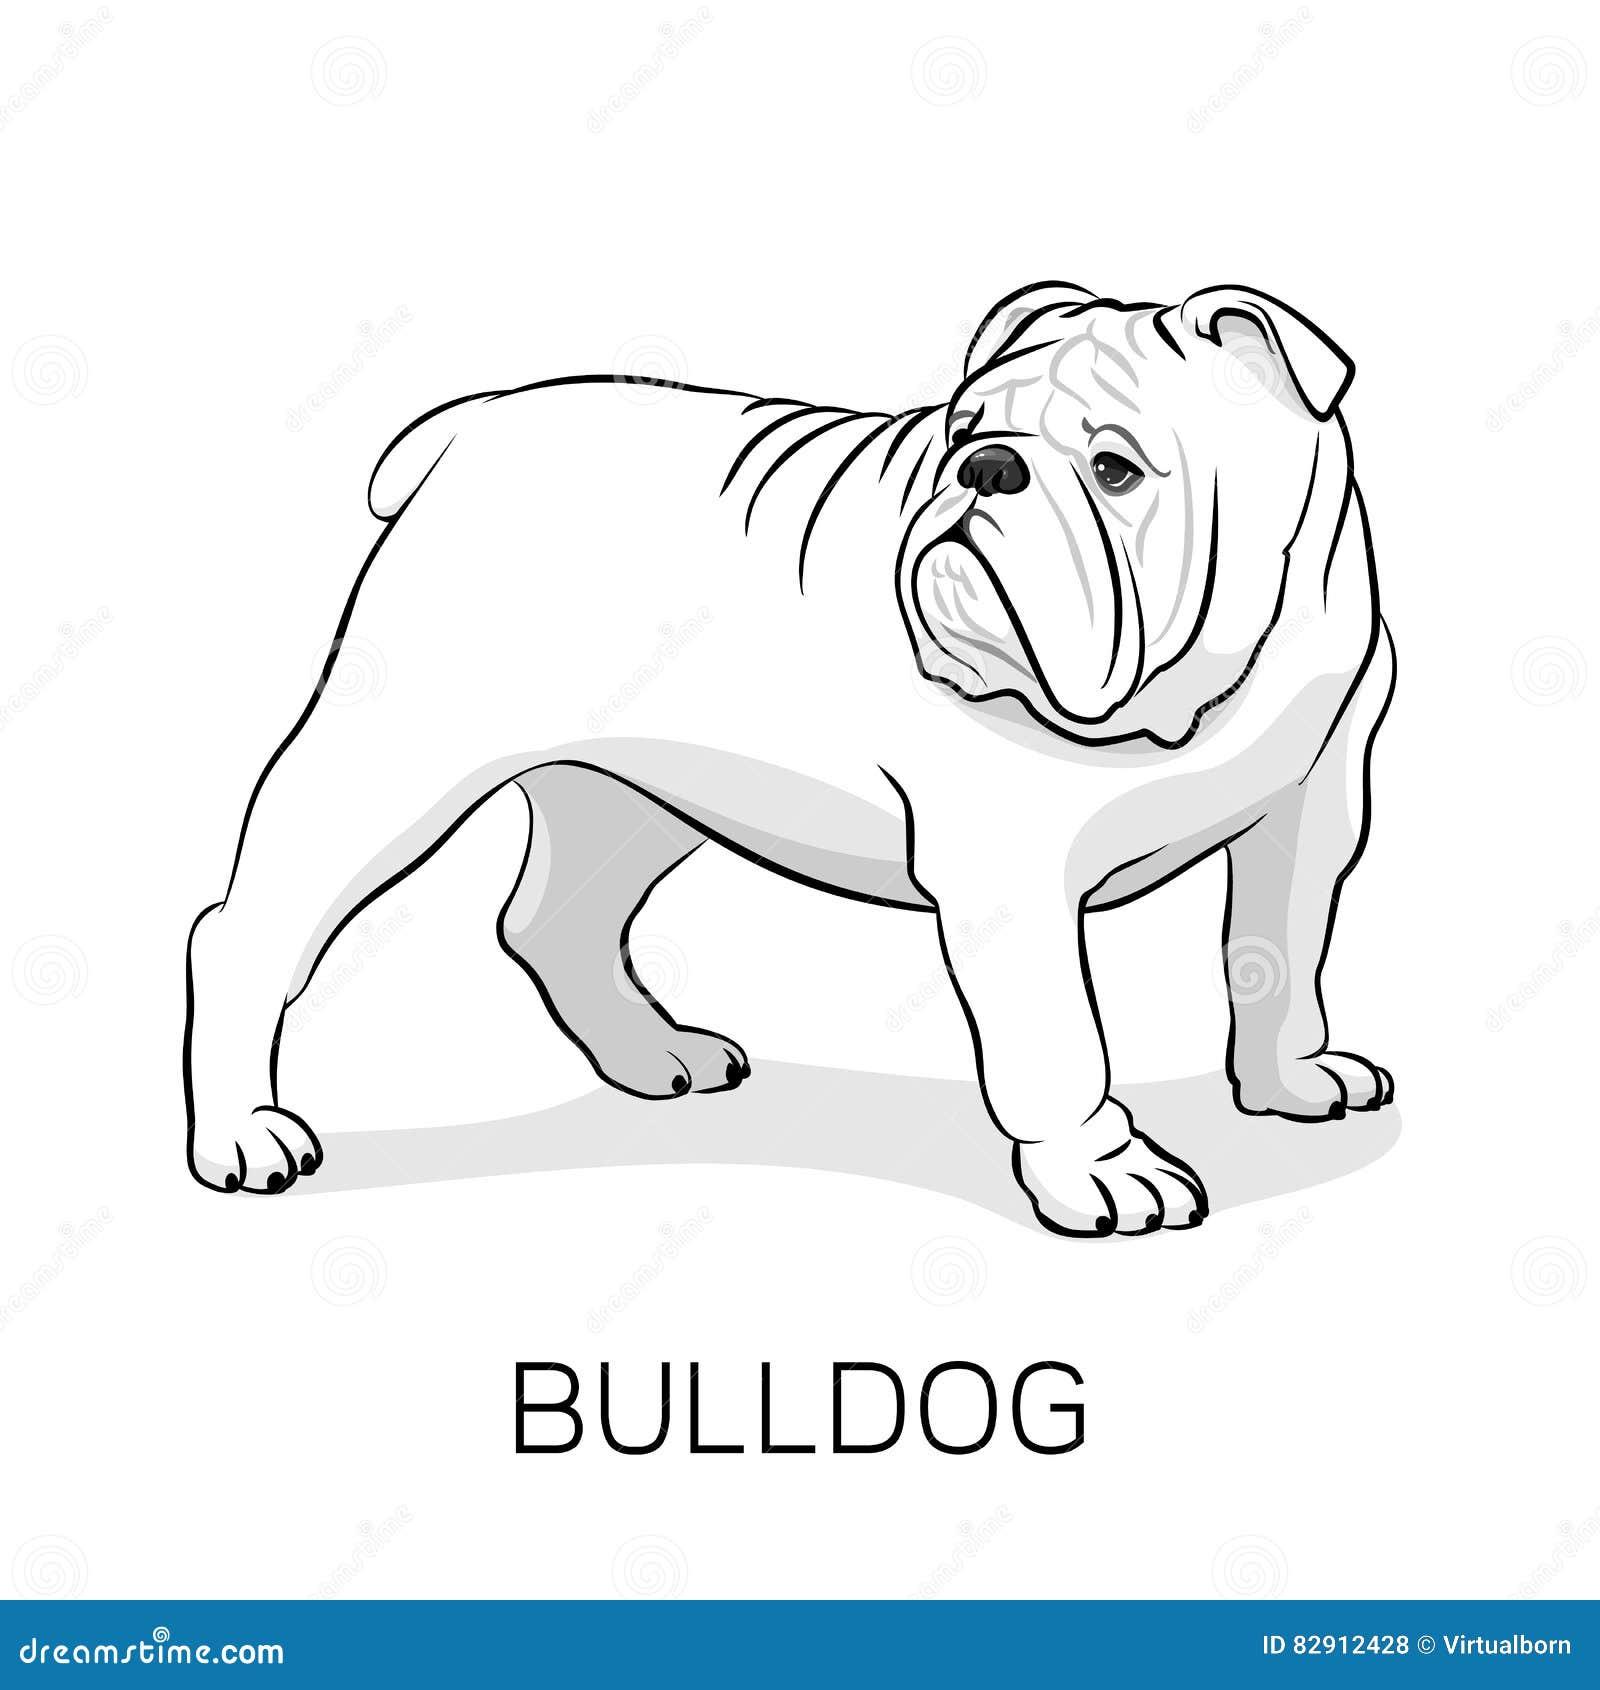 Cartoon English Bulldog Dog Illustration Stock Vector Illustration